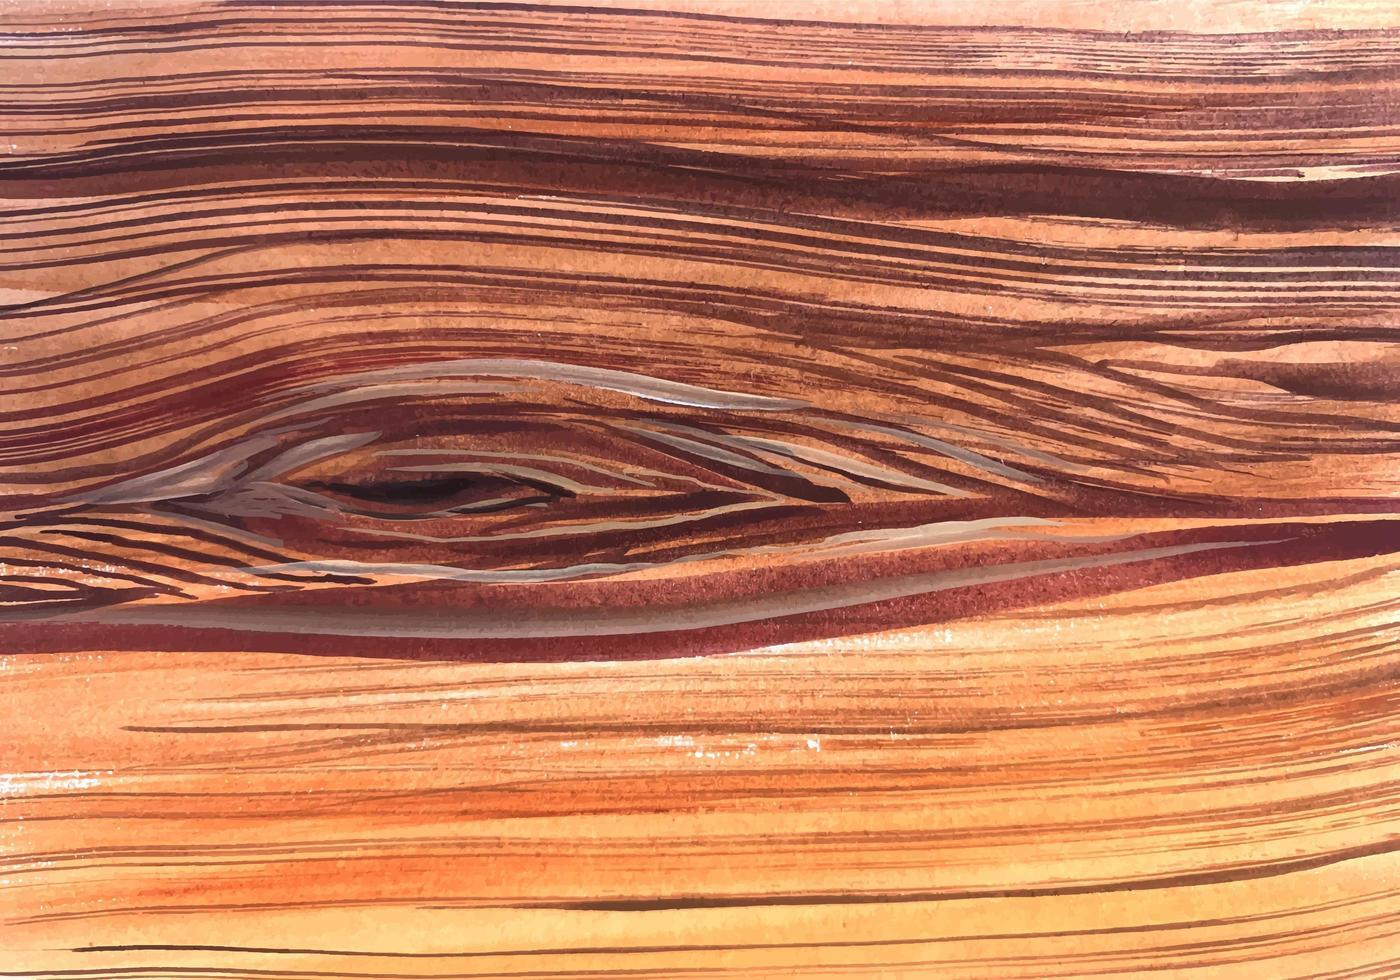 abstrakte Zeder wirbeln Holzstruktur vektor